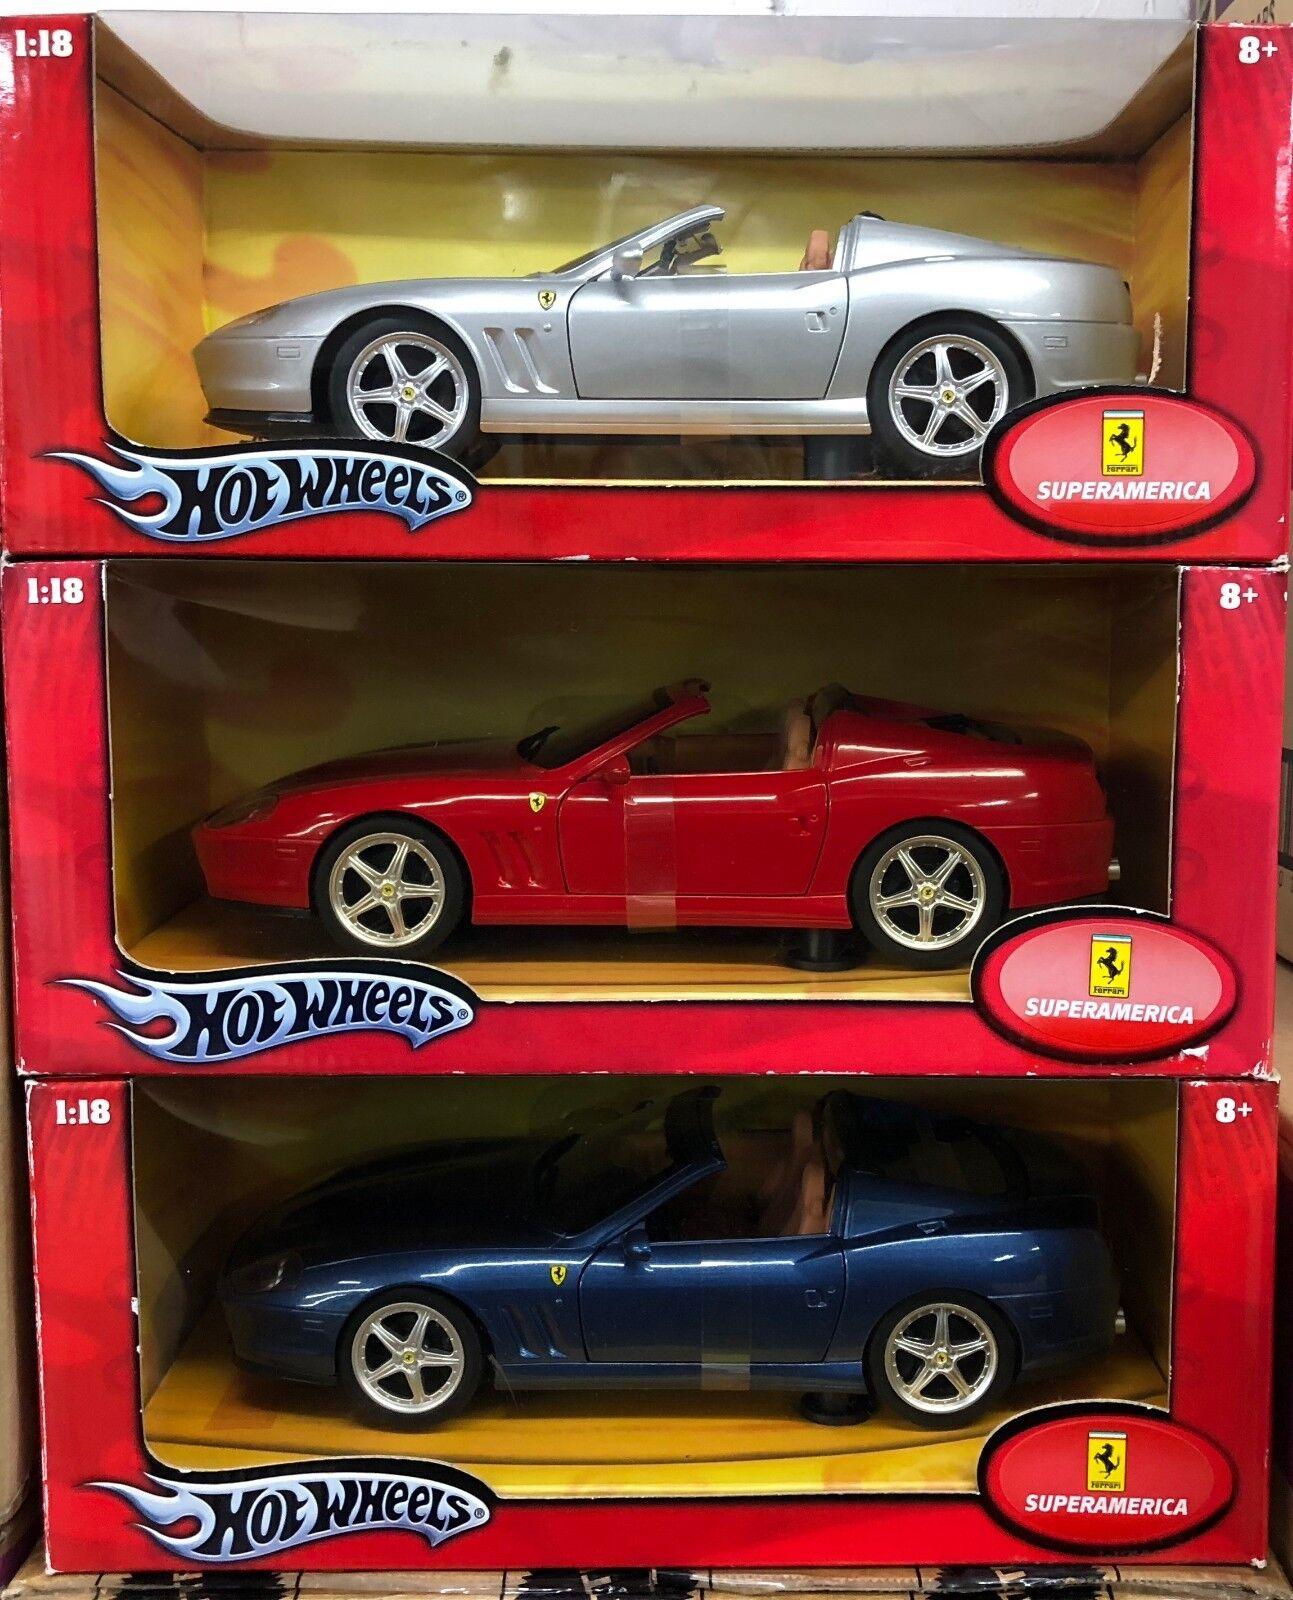 Lote de 3 Modelos base Ferrari 575 Superamerica Rojo, Plata y Azul Envío Gratis